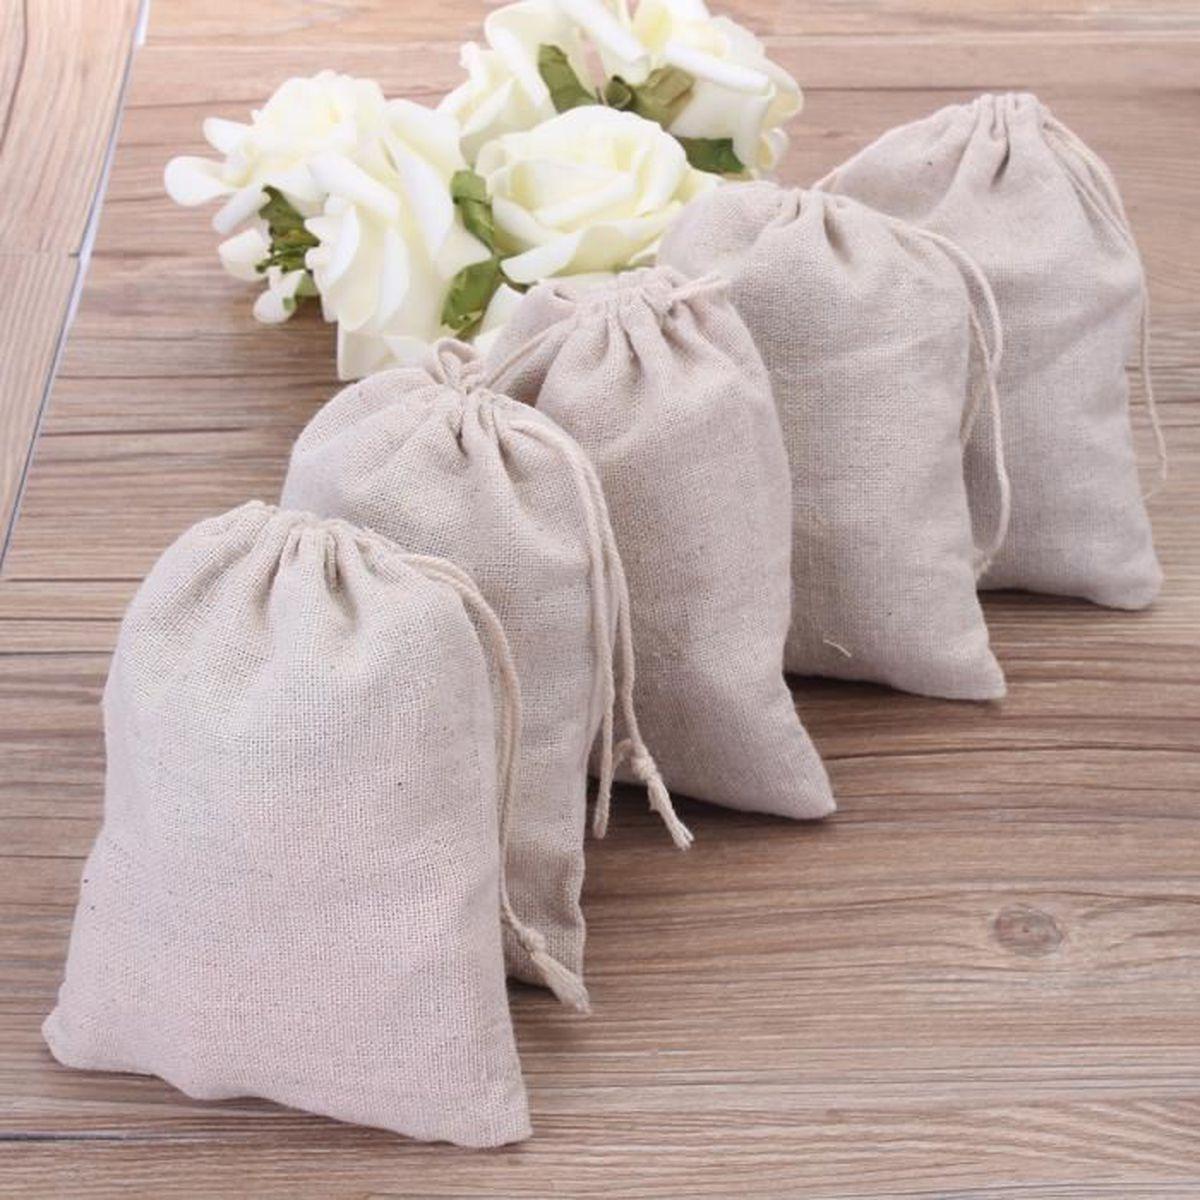 tempsa 5pcs sac de mariage cadeaux bonbons en coton lin - achat